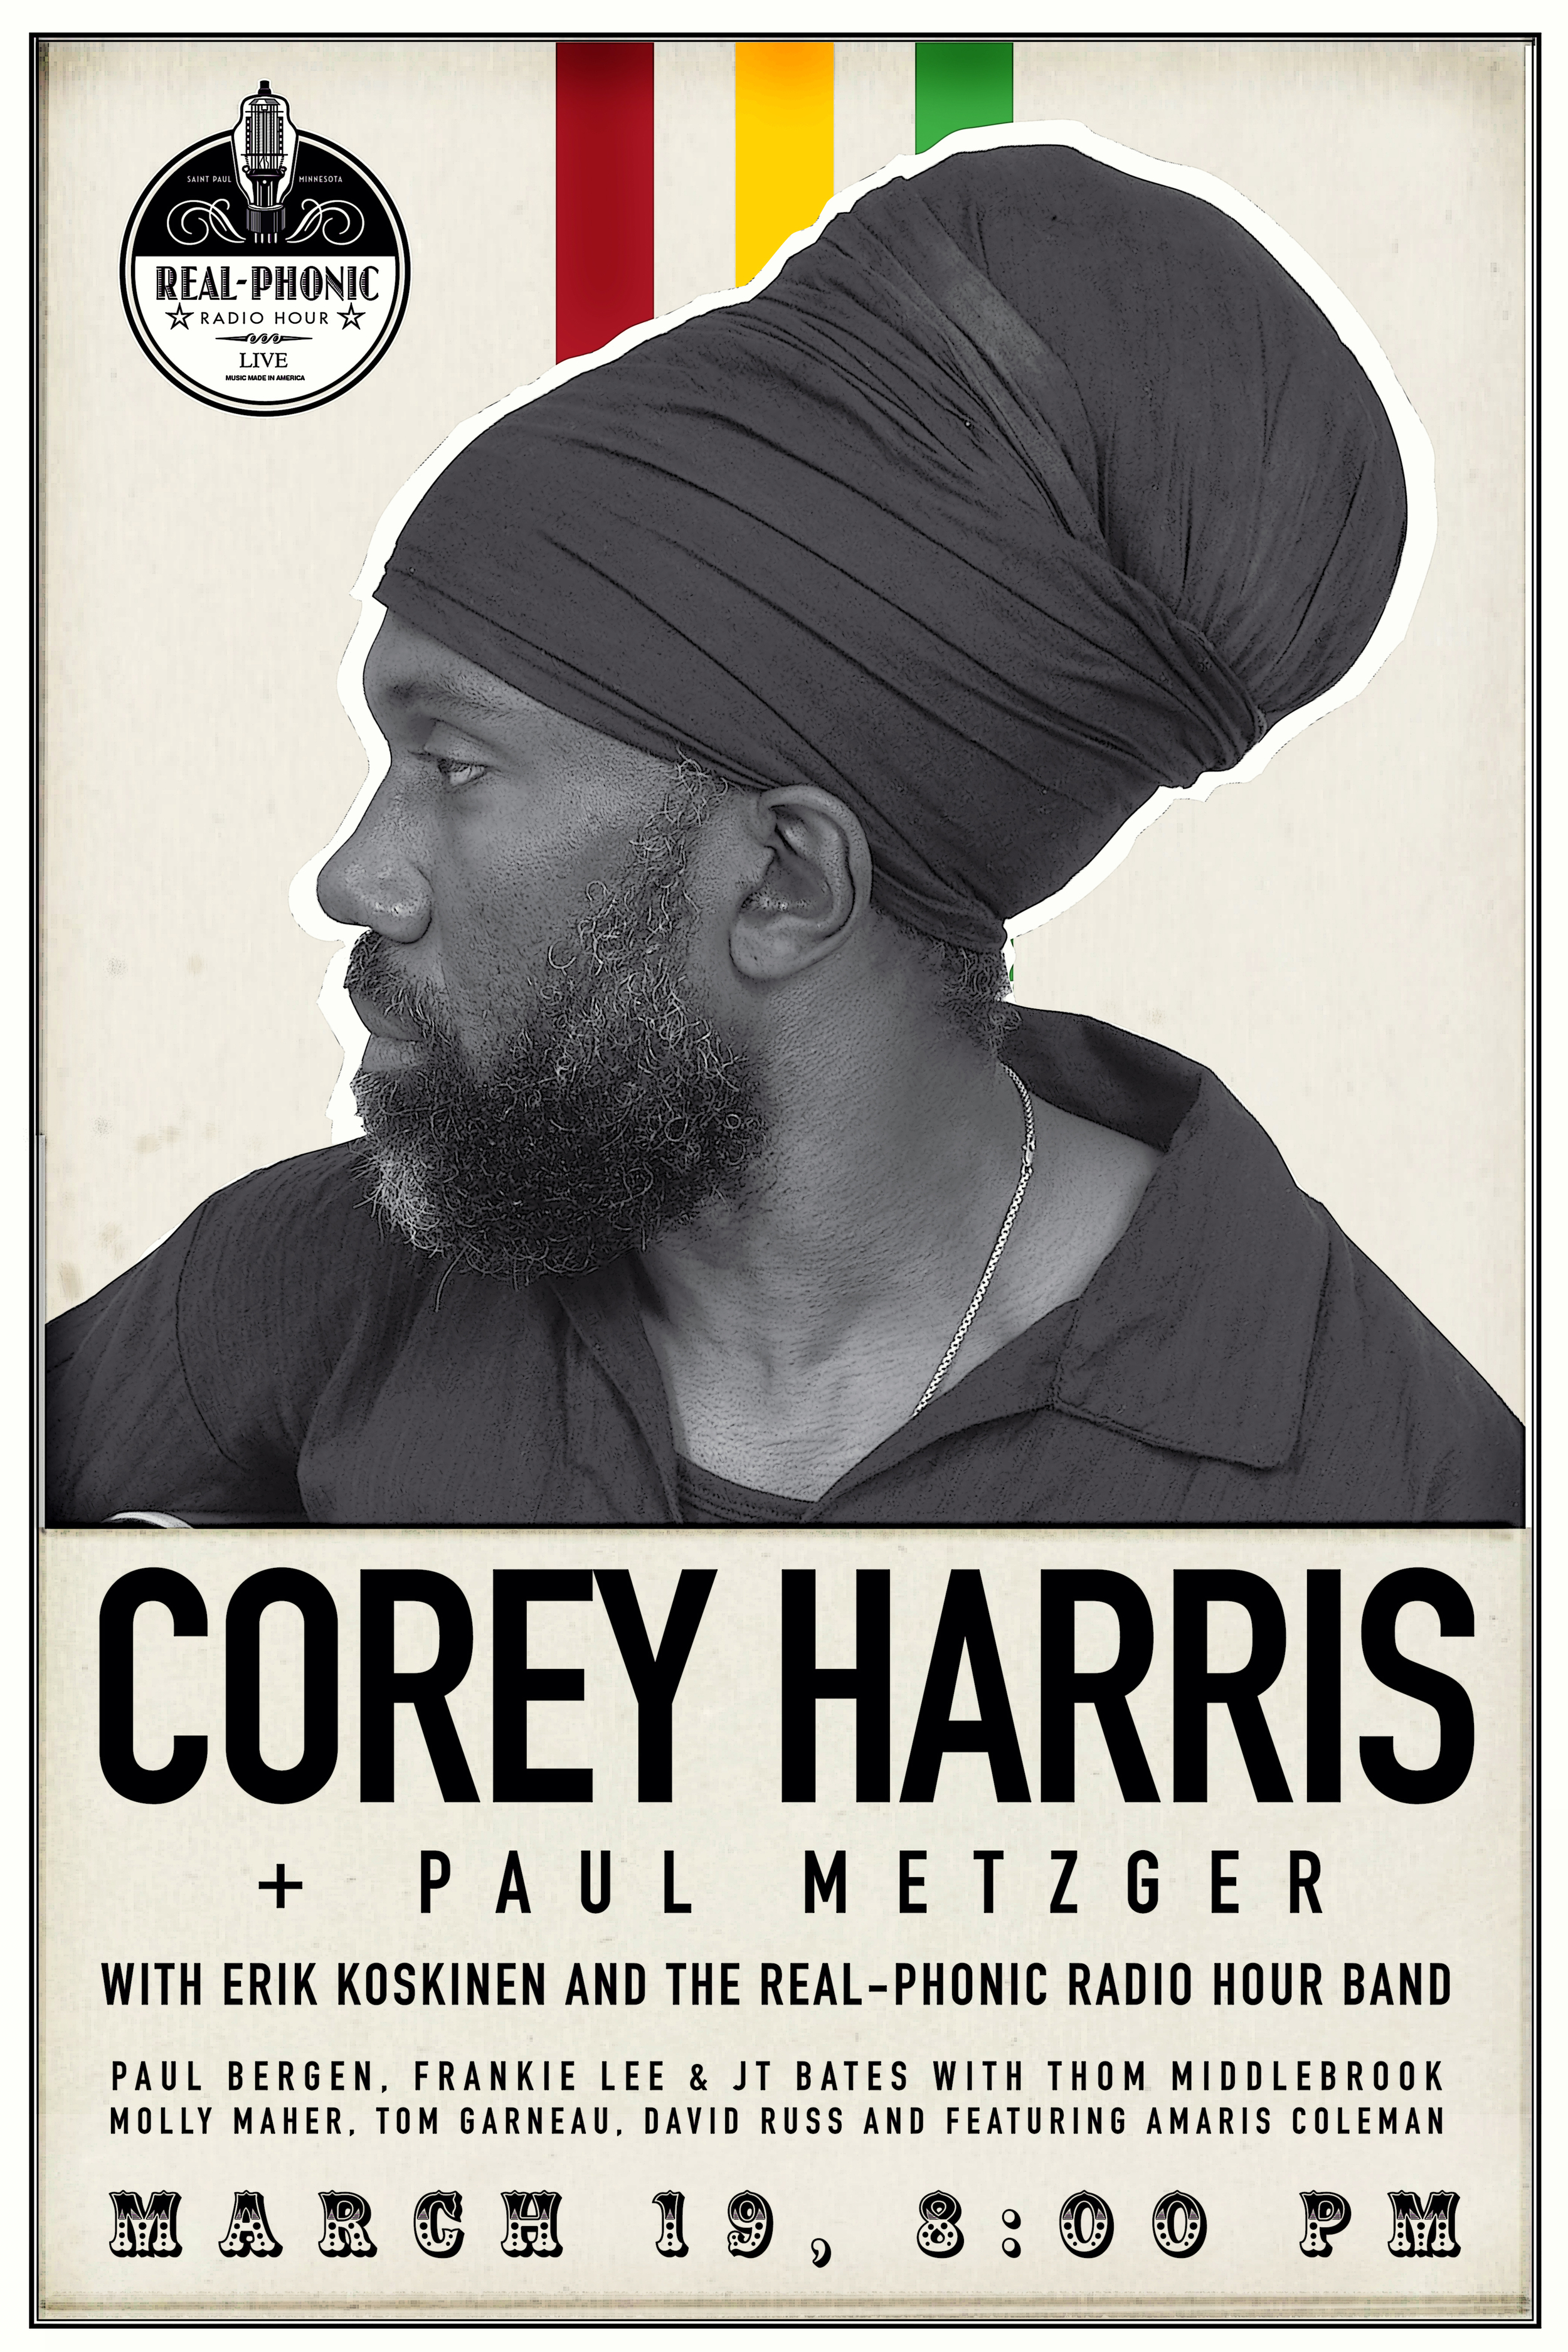 Corey_Harris 3.jpg